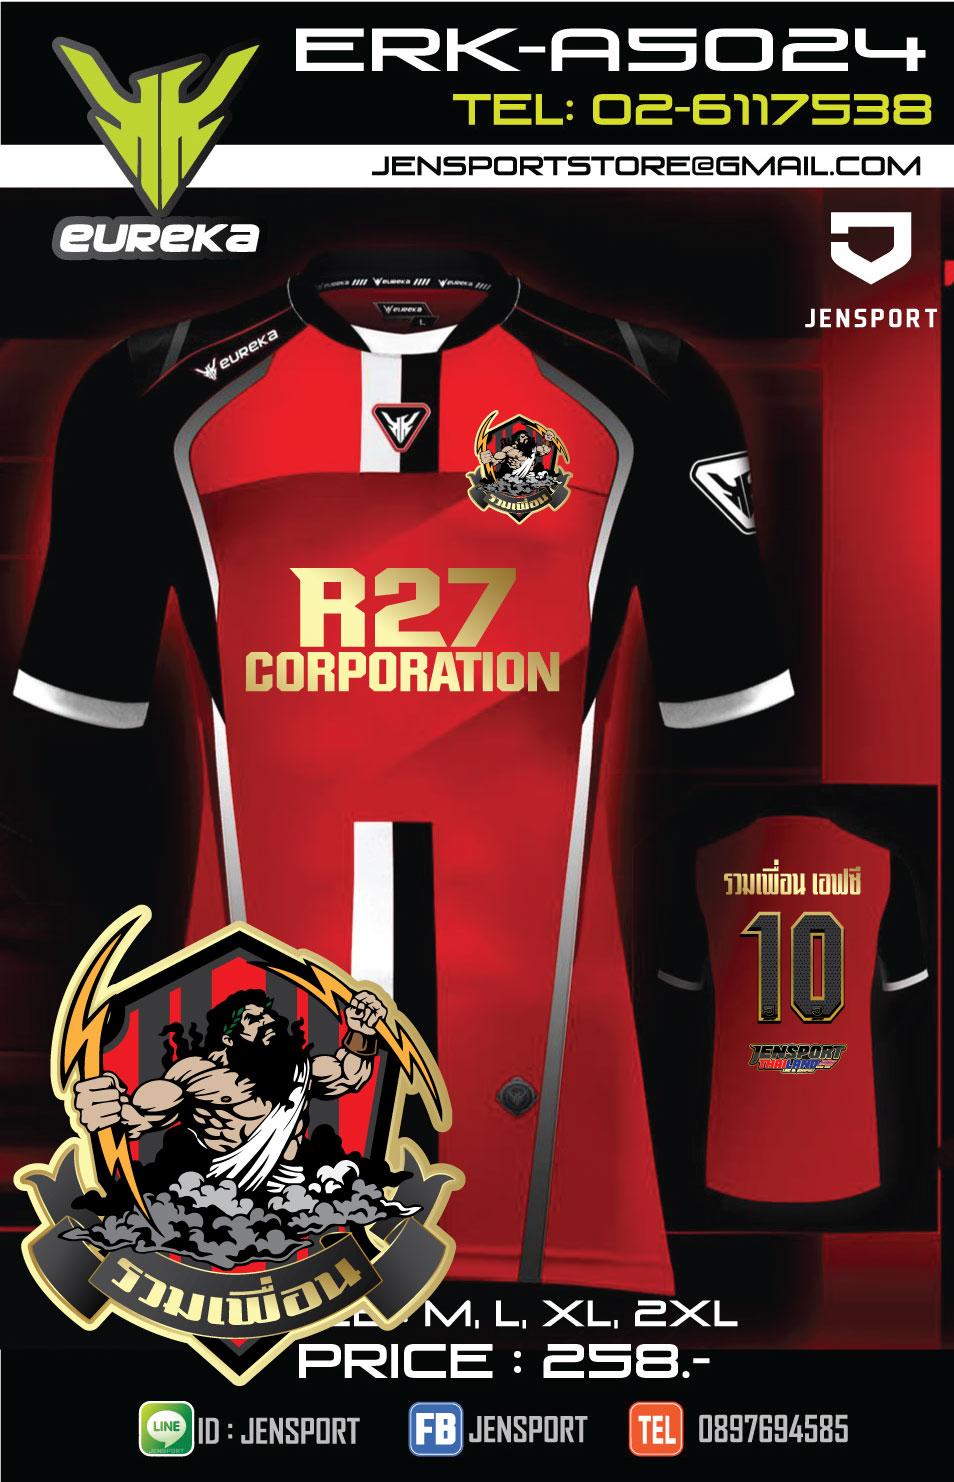 เสื้อฟุตบอล ยูเรก้า ทีม รวมเพื่อน zeus